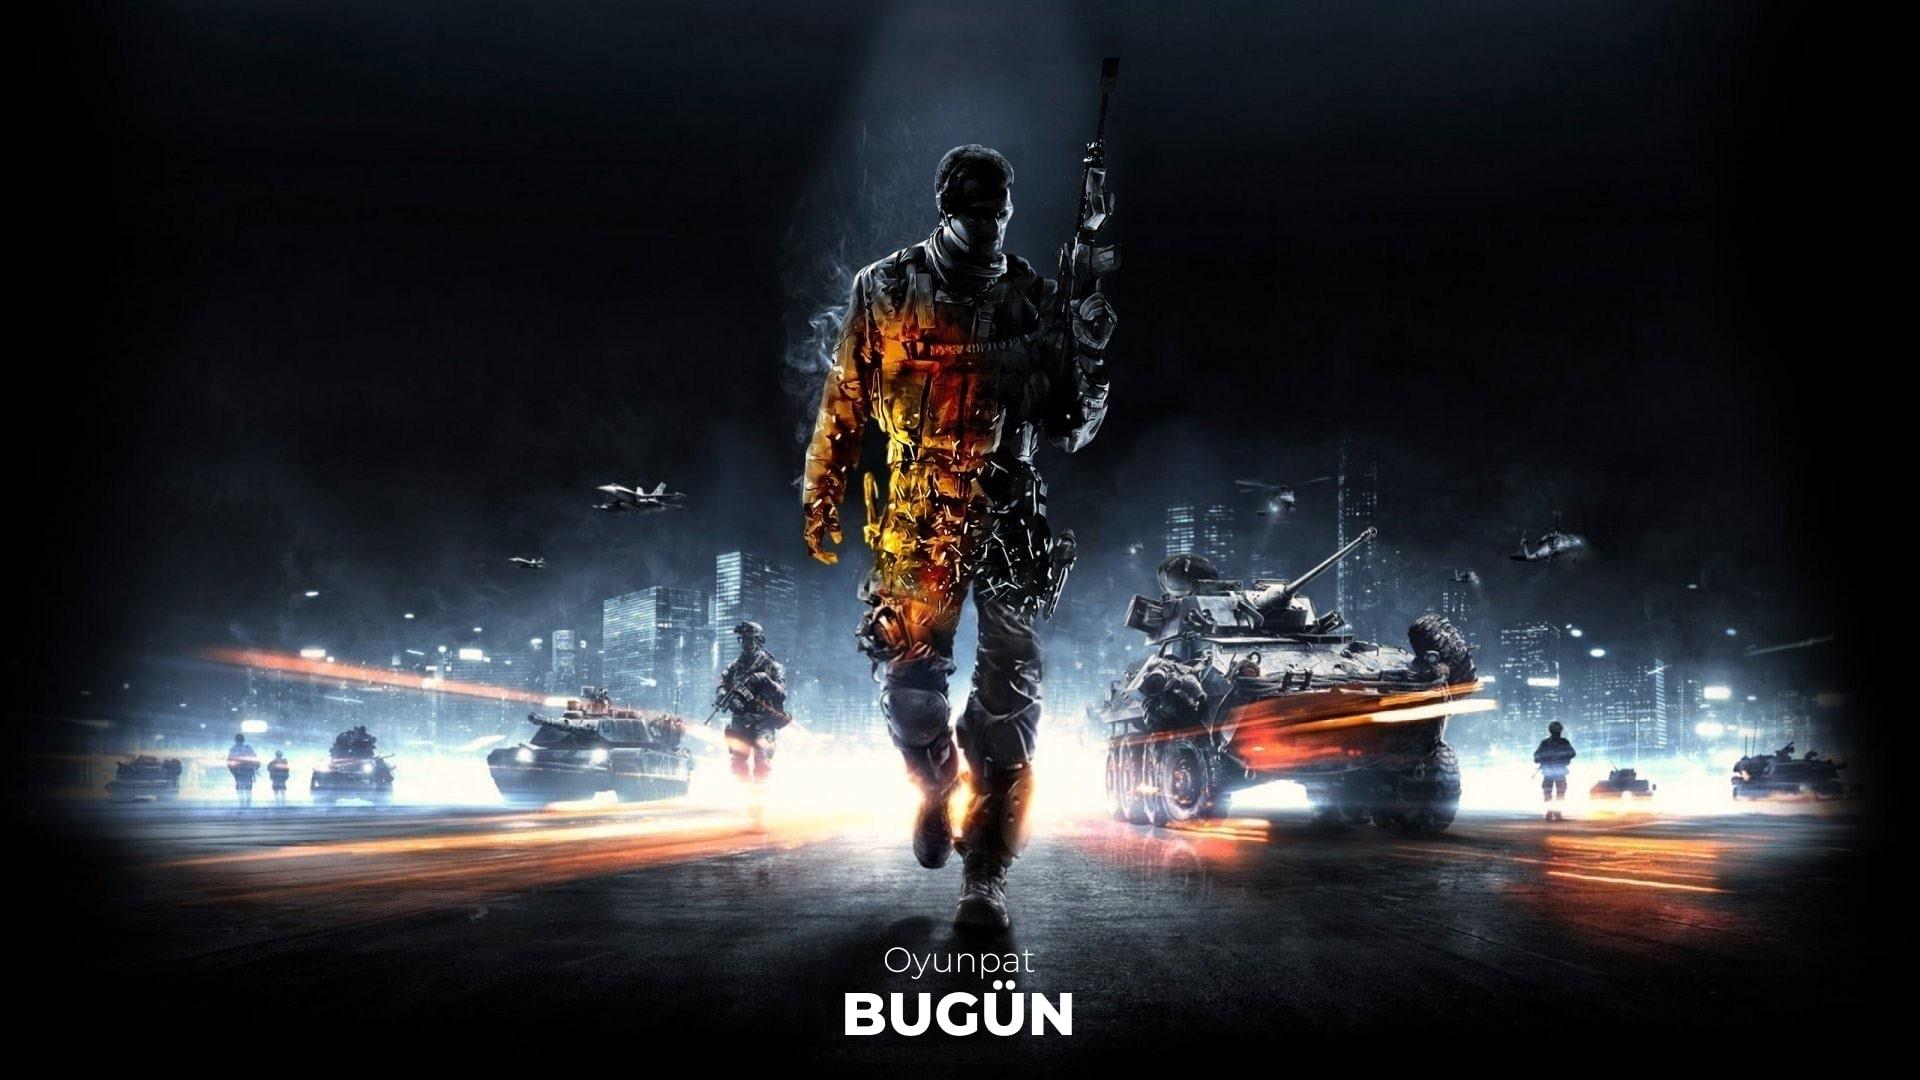 Battlefield 4 min-oyunpat